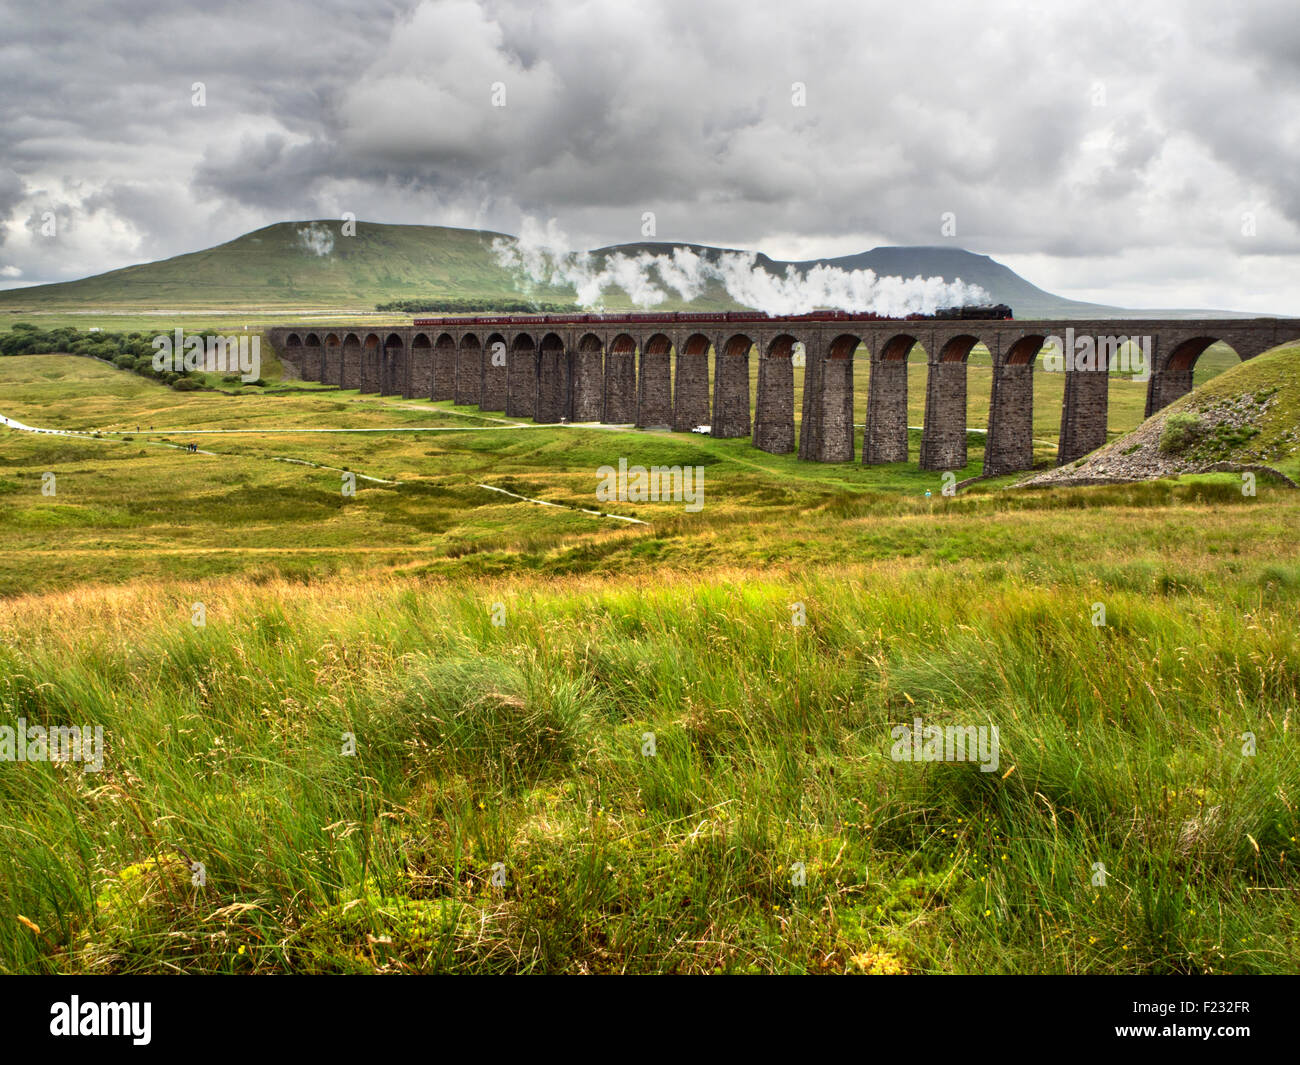 Dampfzug, die Überquerung der Ribblehead-Viadukt in der Yorkshire Dales England Stockbild